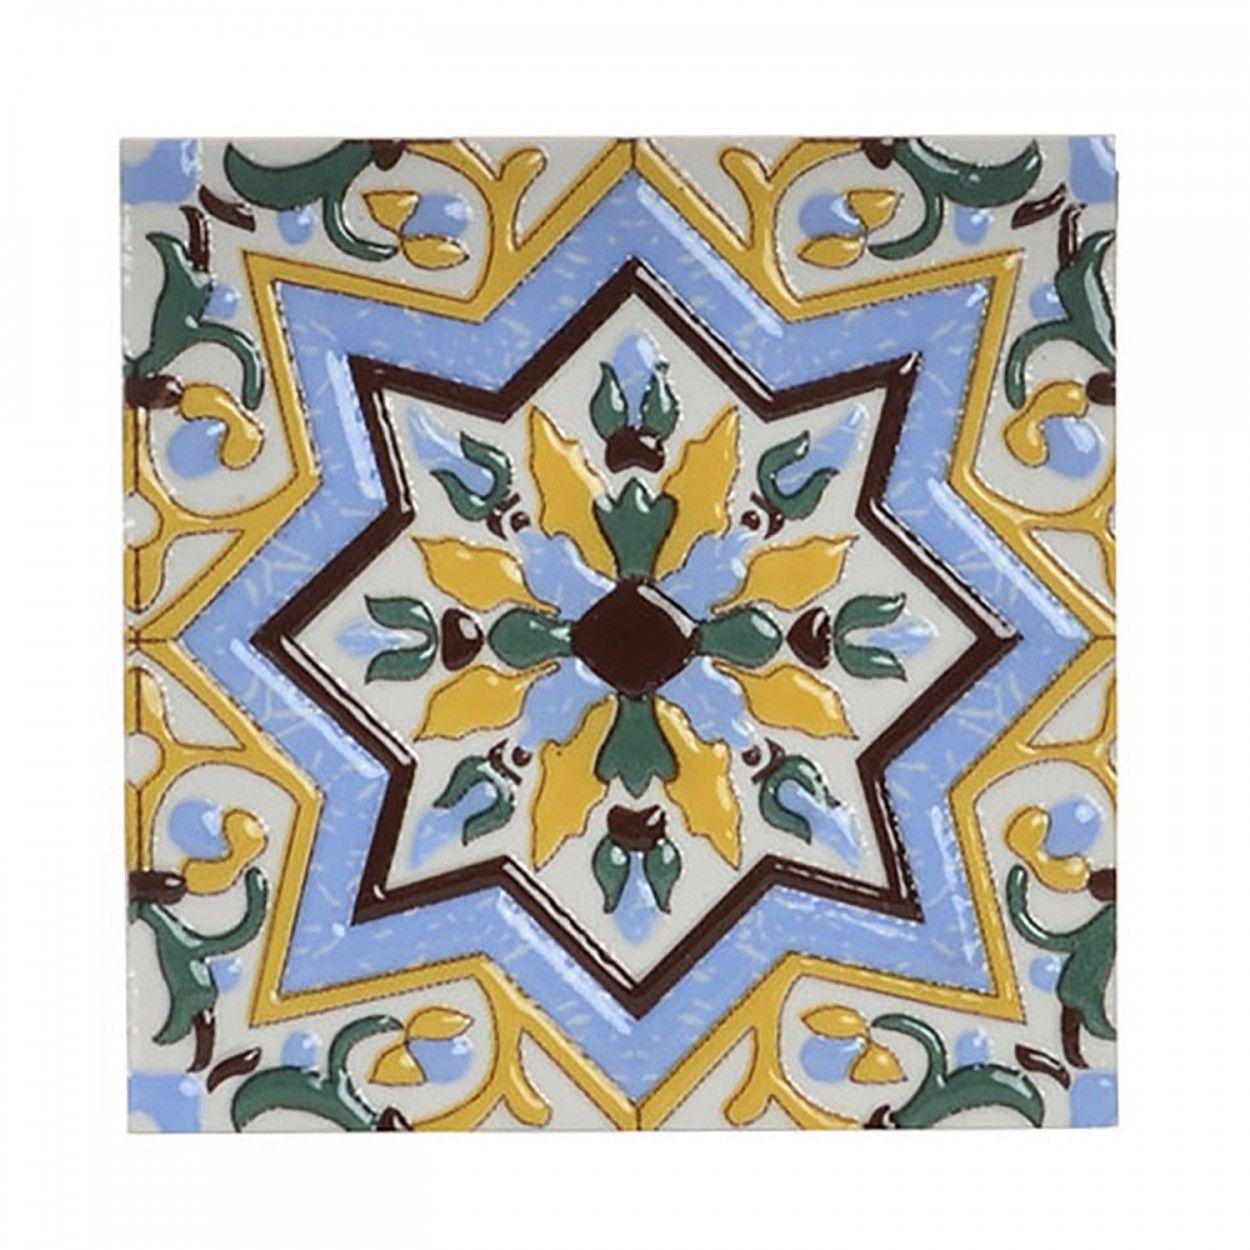 Comprar posavaso de colores tipo azulejo hogar y m s for Diseno de hogar